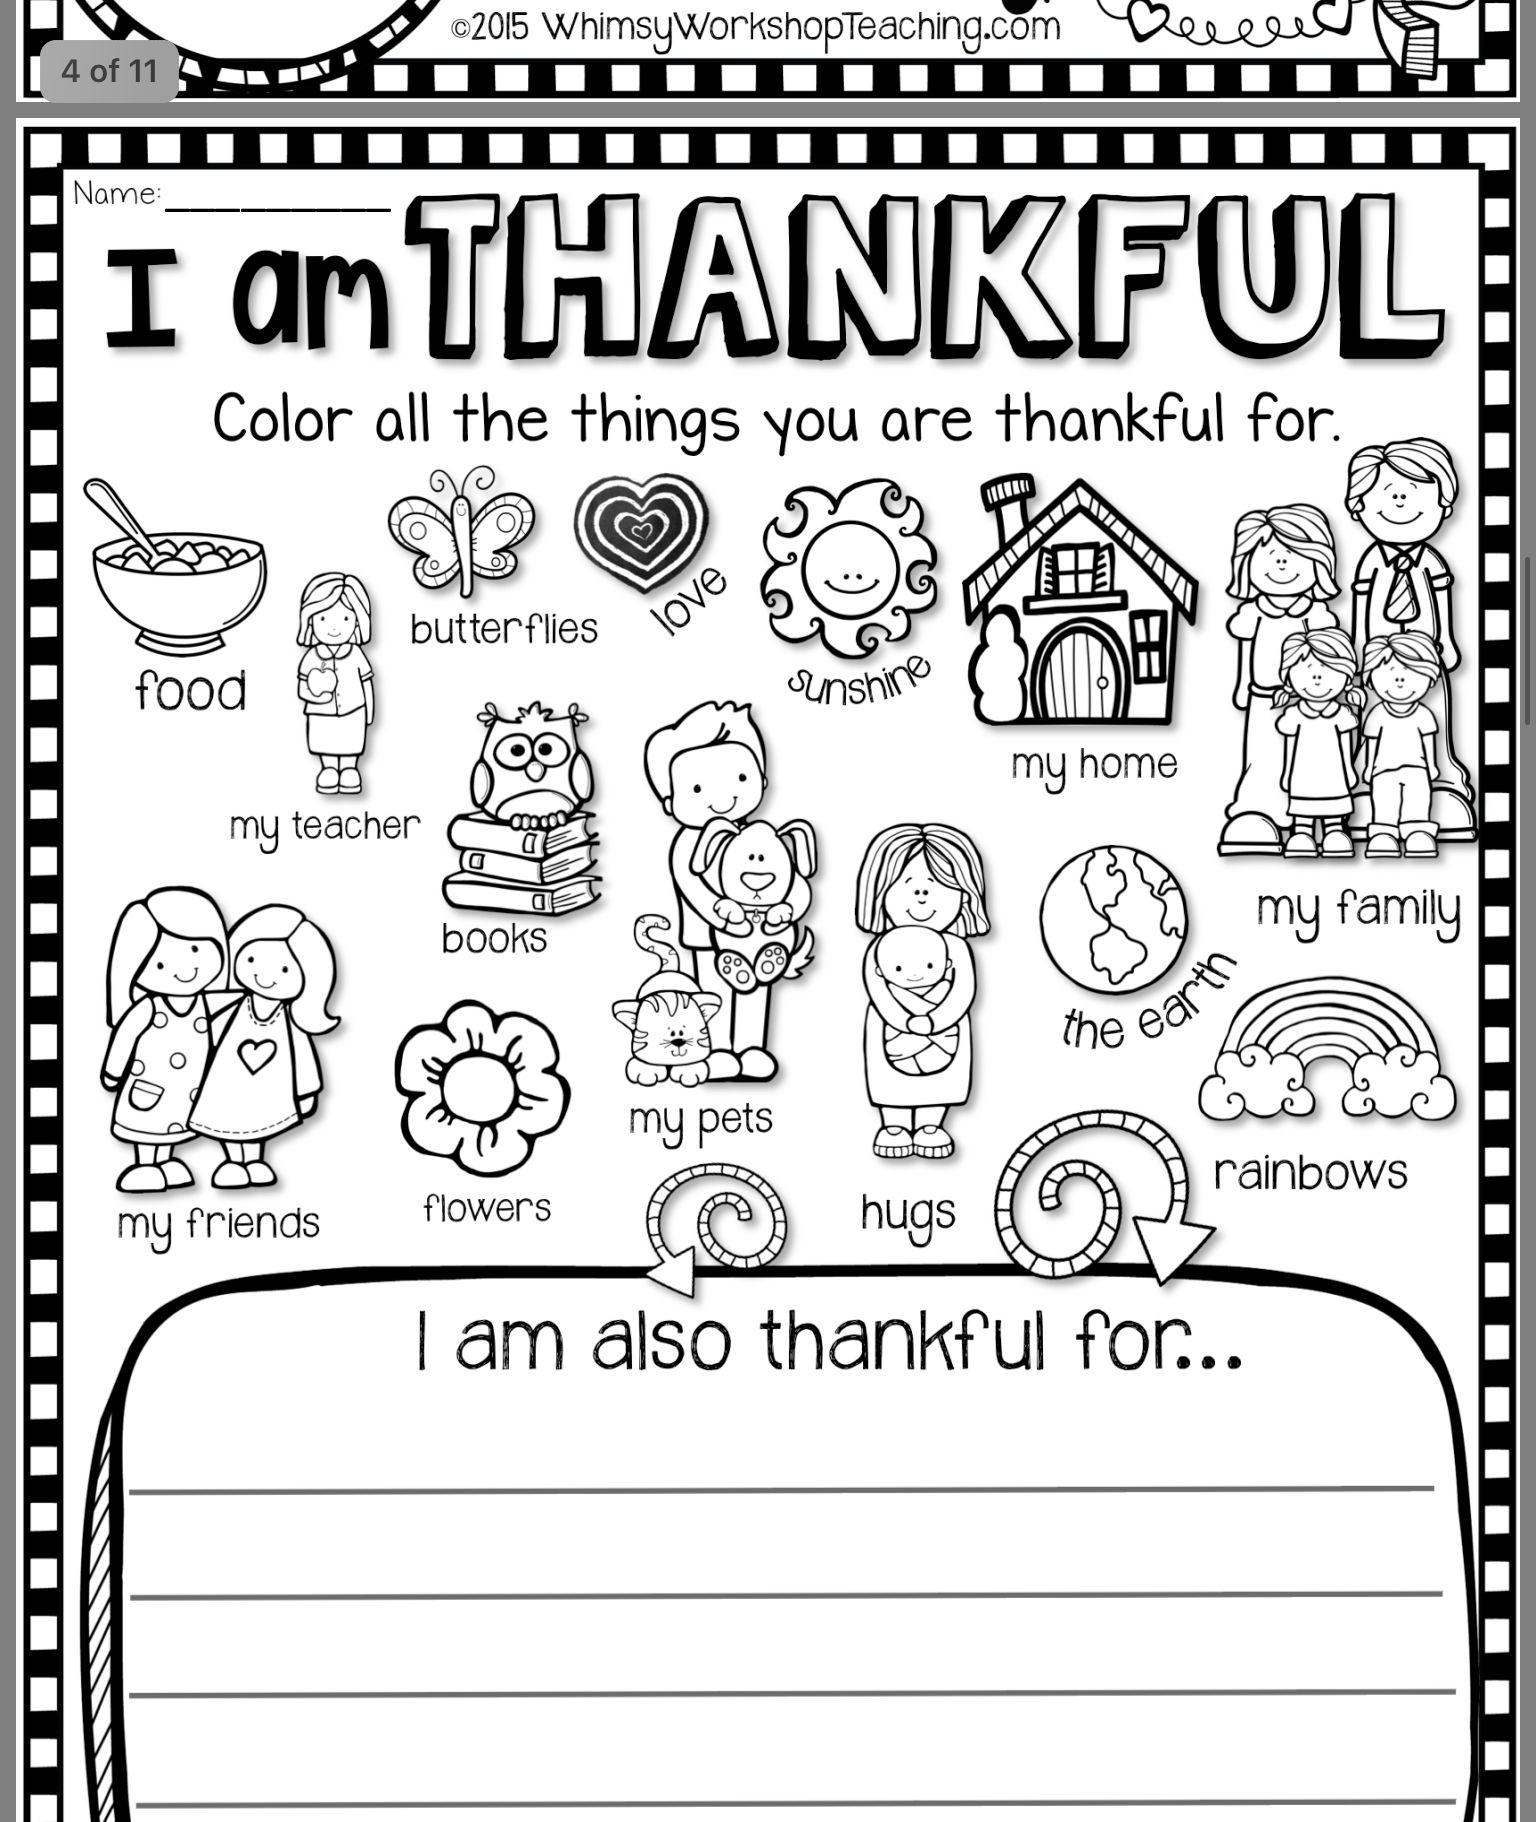 Pin By Amy Leiker On First Grade Teaching Kindergarten Super Teacher Worksheets Thanksgiving Kindergarten [ 1822 x 1536 Pixel ]